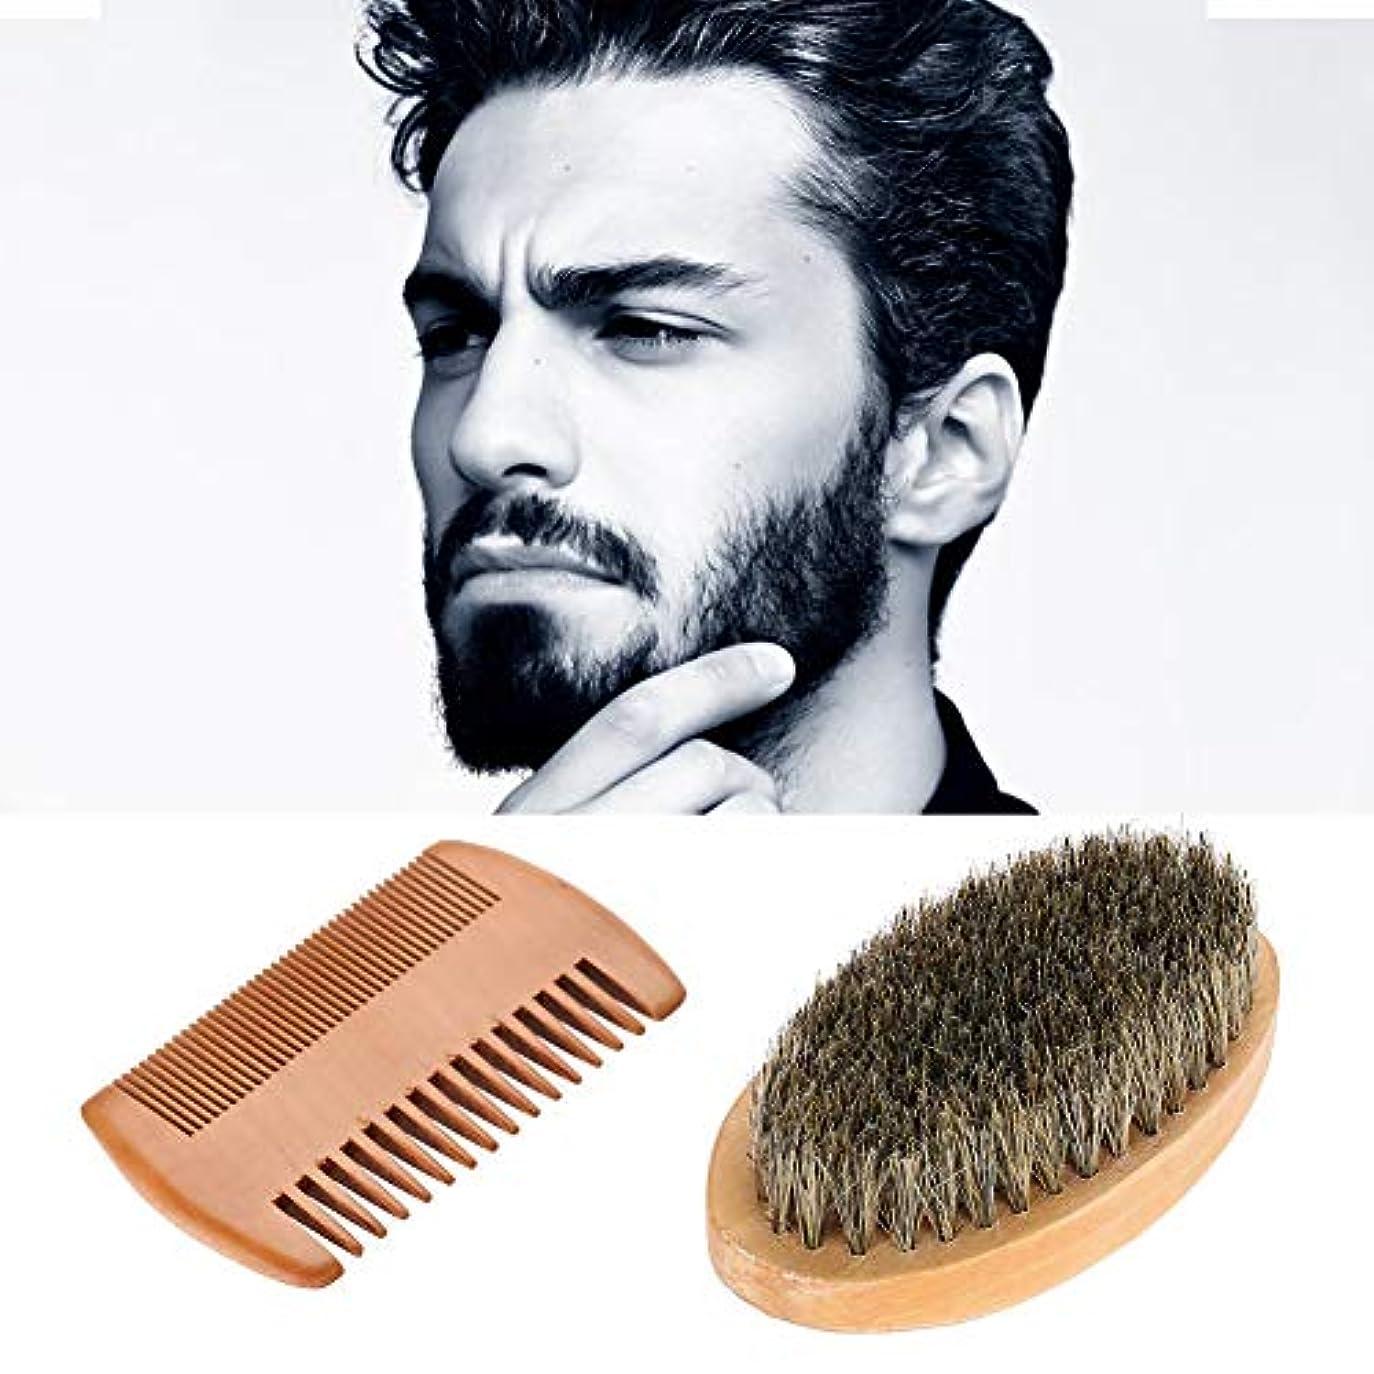 早い素敵な申請者男性の楕円形の木製の楕円形のブラシ+ひげの毛の顔のクリーニングの手入れをするキットのための櫛